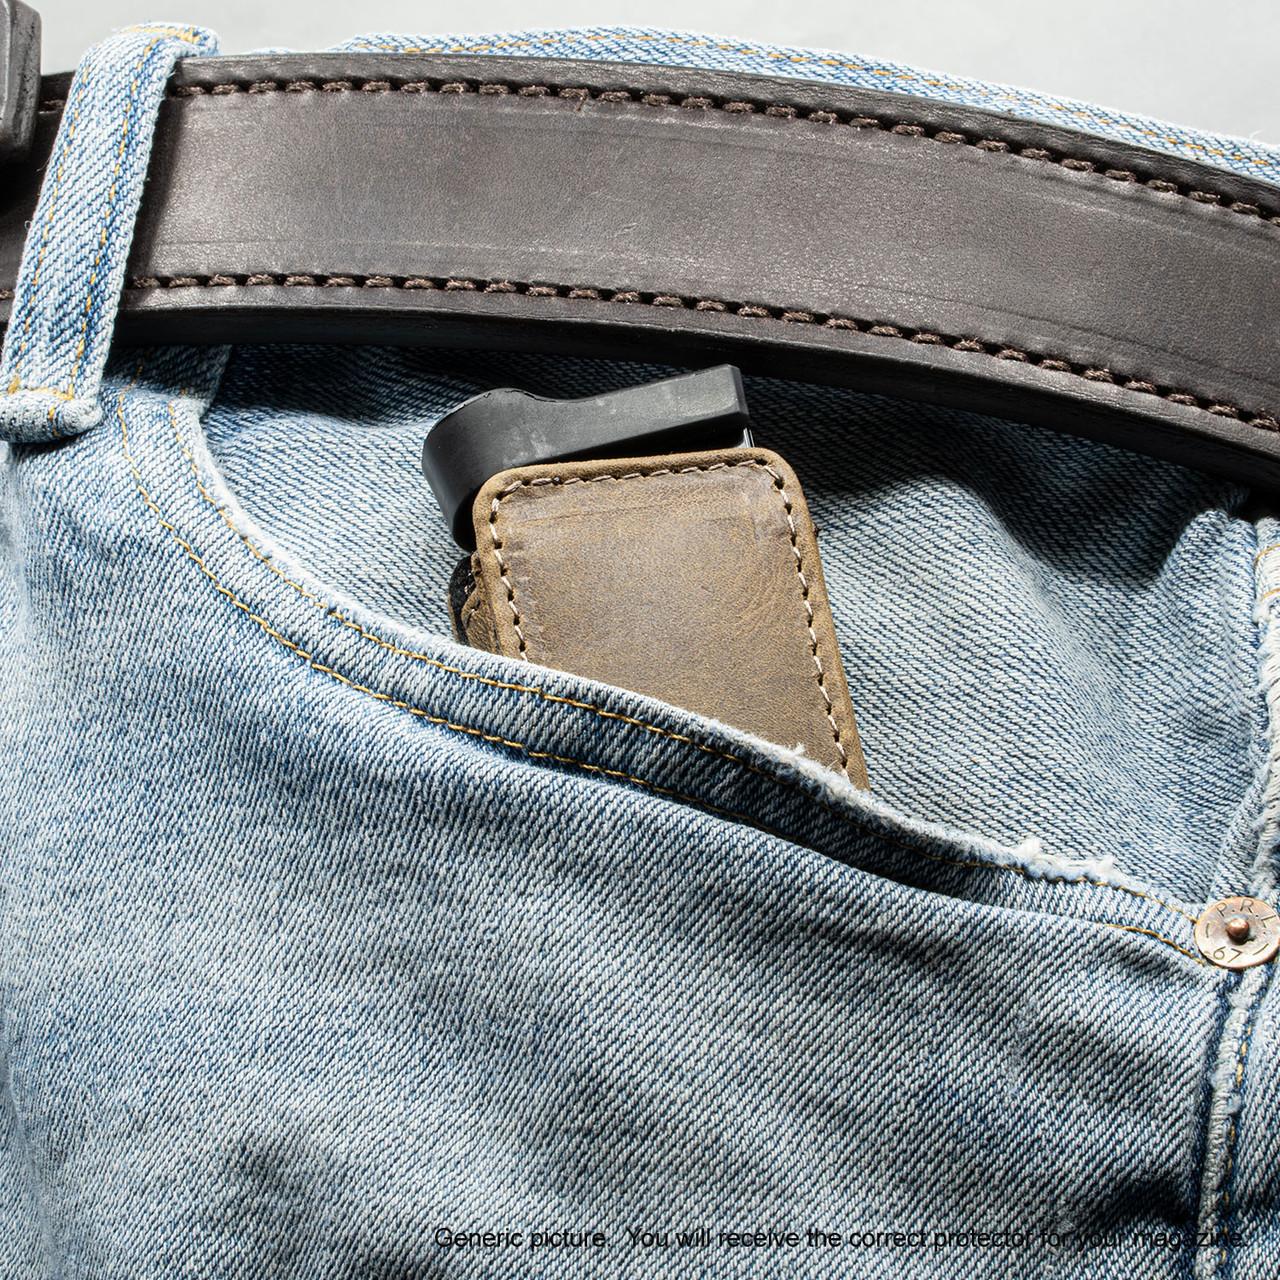 Ruger SR9c Brown Freedom Magazine Pocket Protector